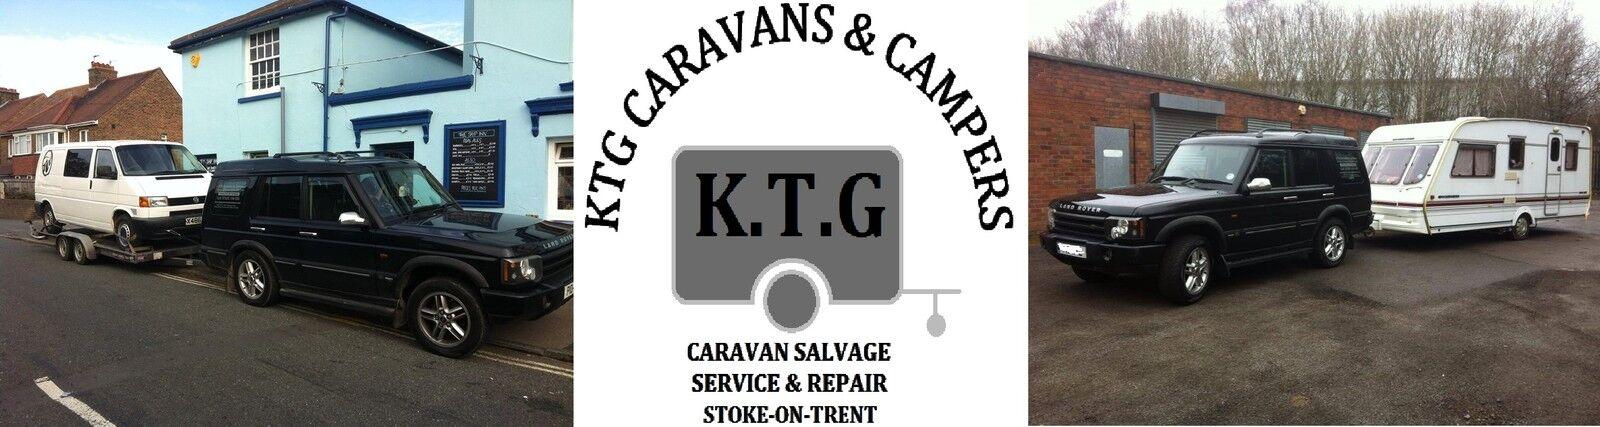 KTG Caravans and Campers